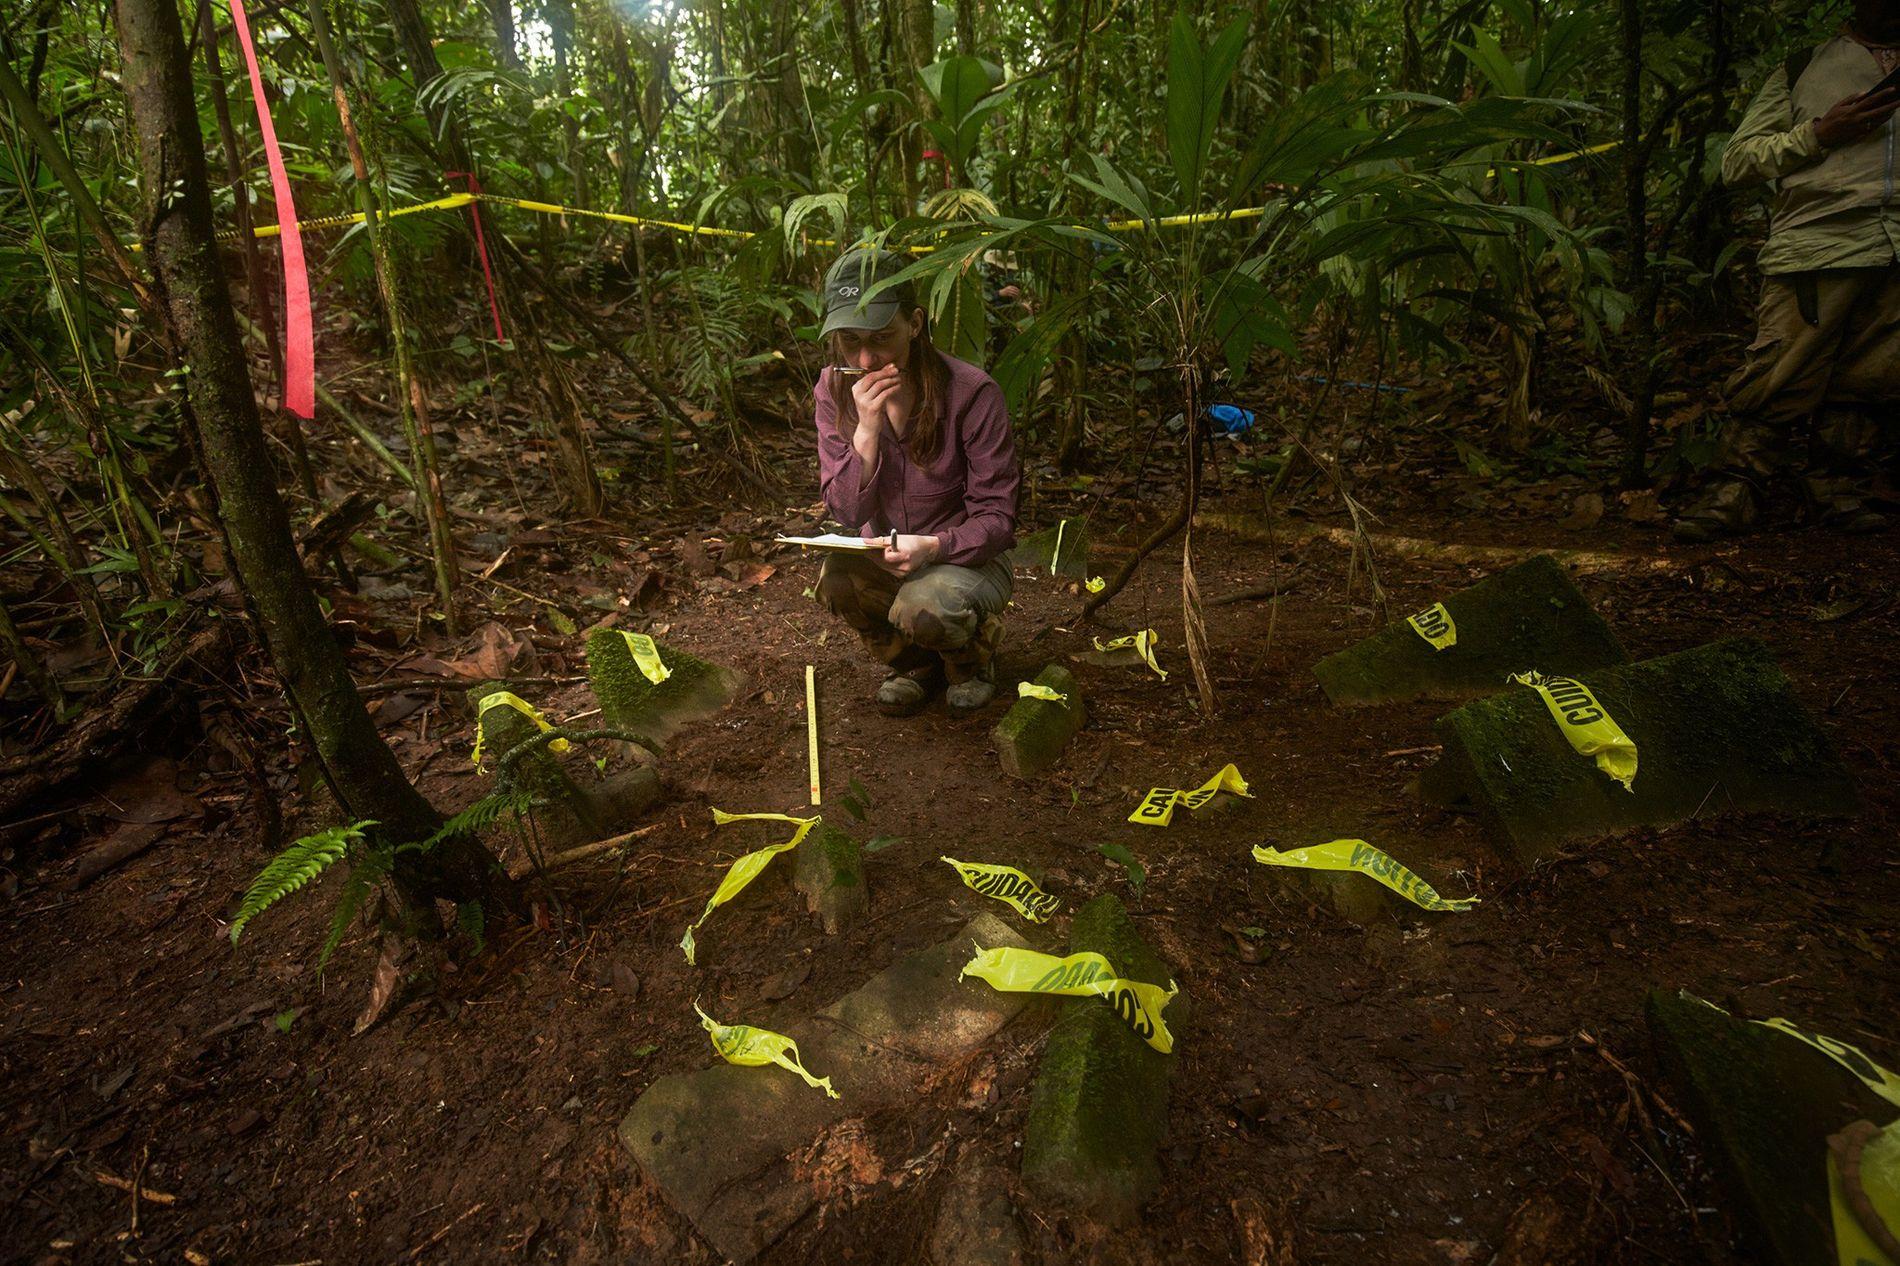 Anna Cohen, una estudiante graduada de antropología de la Universidad de Washington, documenta un alijo de más de 50 artefactos descubiertos en la selva. Según el protocolo científico, no retiraron objetos del sitio. Los científicos esperan poder montar una expedición pronto para documentar y excavar más el sitio antes de que los saqueadores encuentren el lugar.